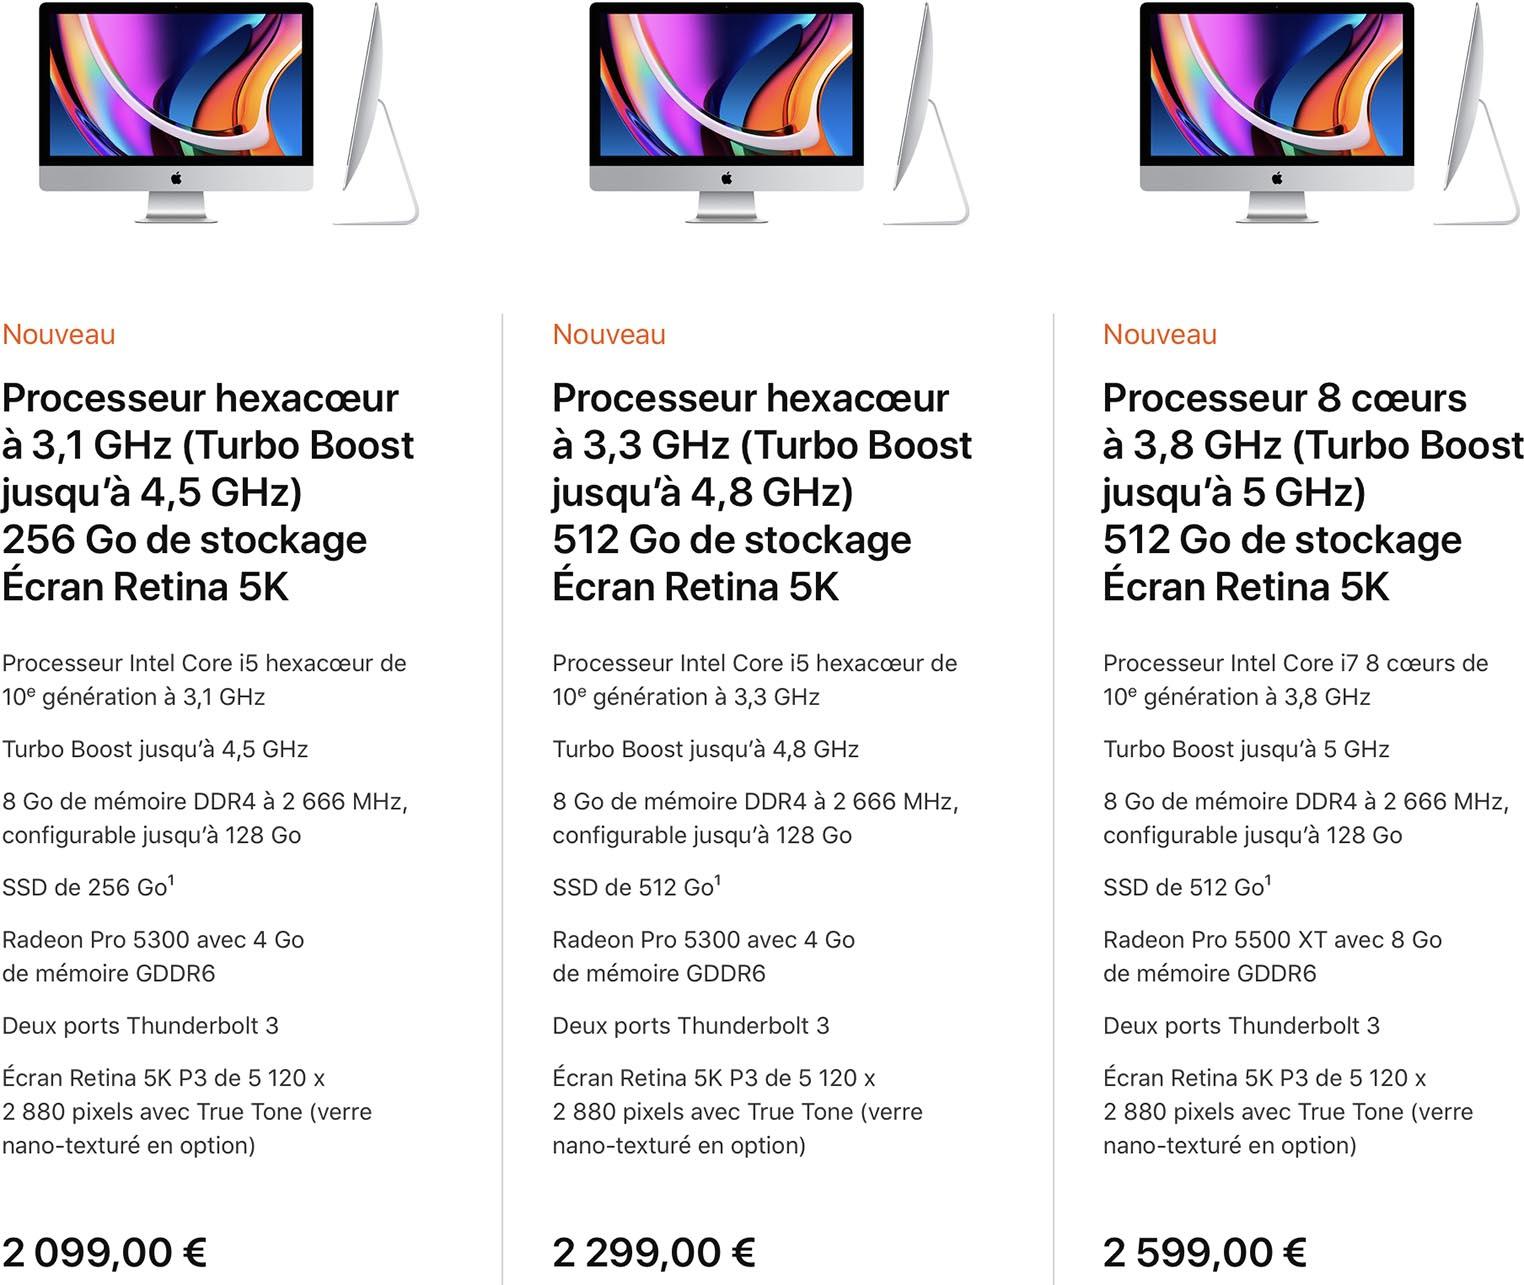 iMac 27 pouces 2020 specs